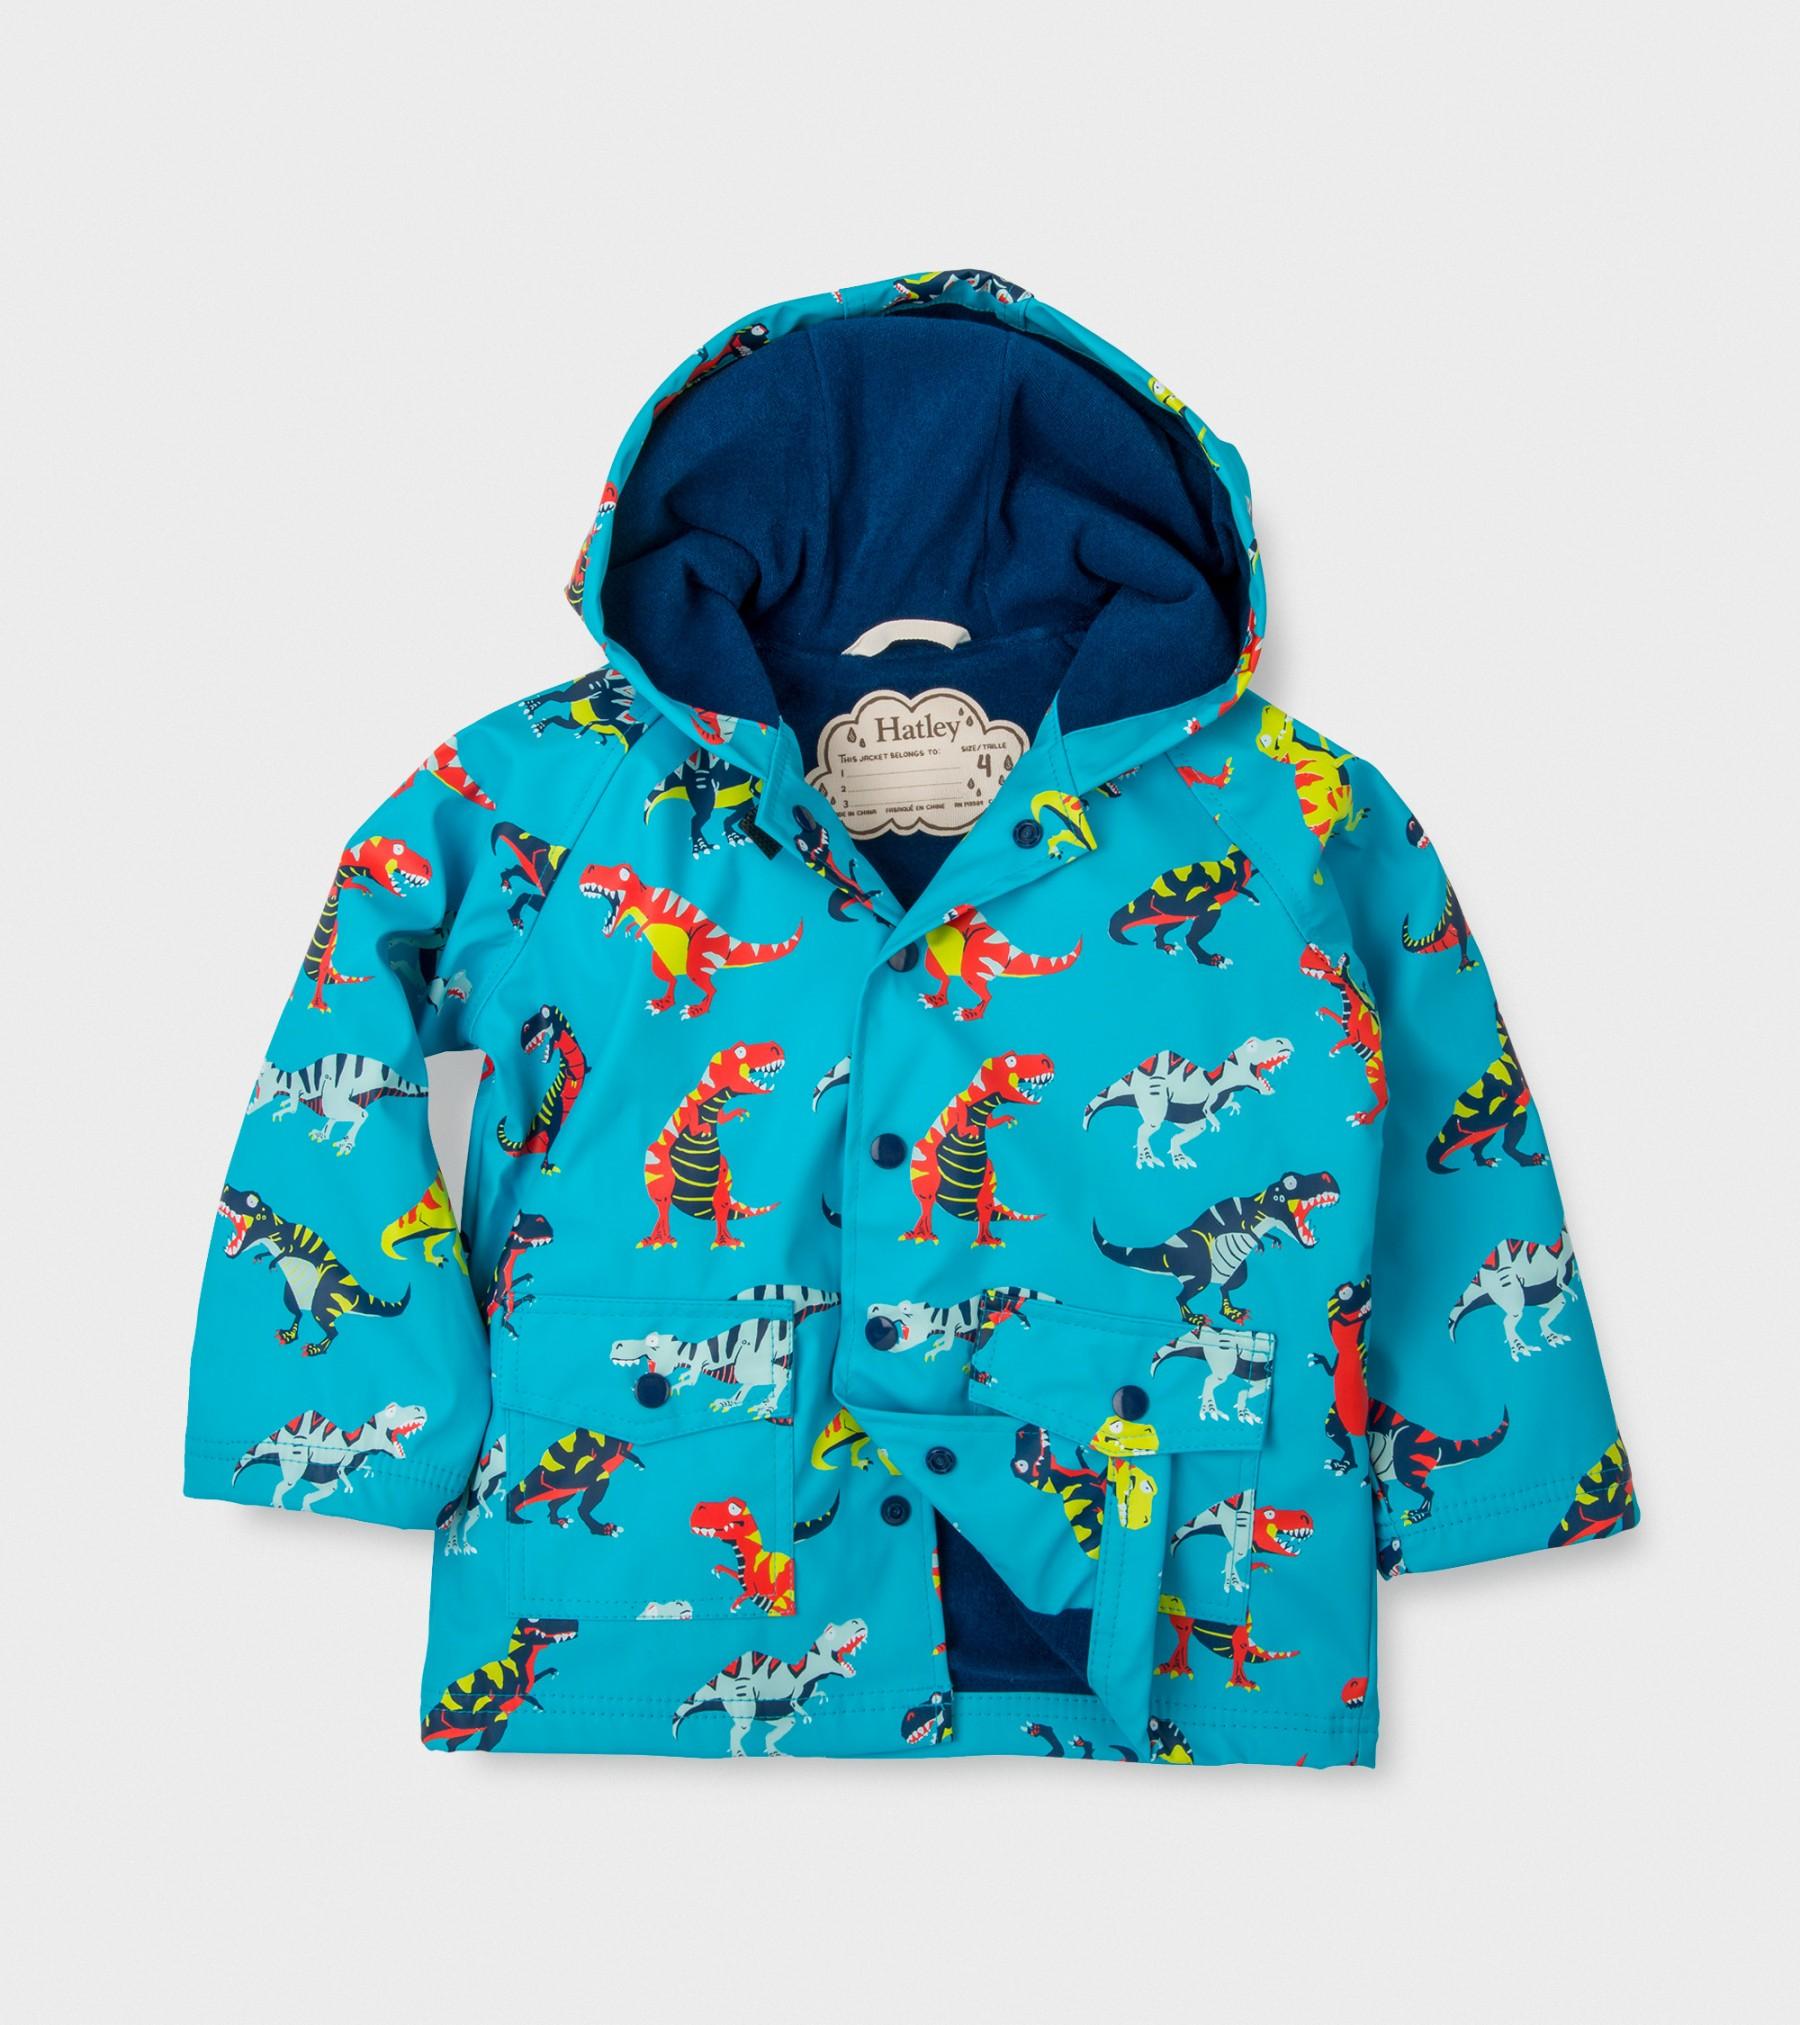 644328e111aa Hatley Lined Raincoat